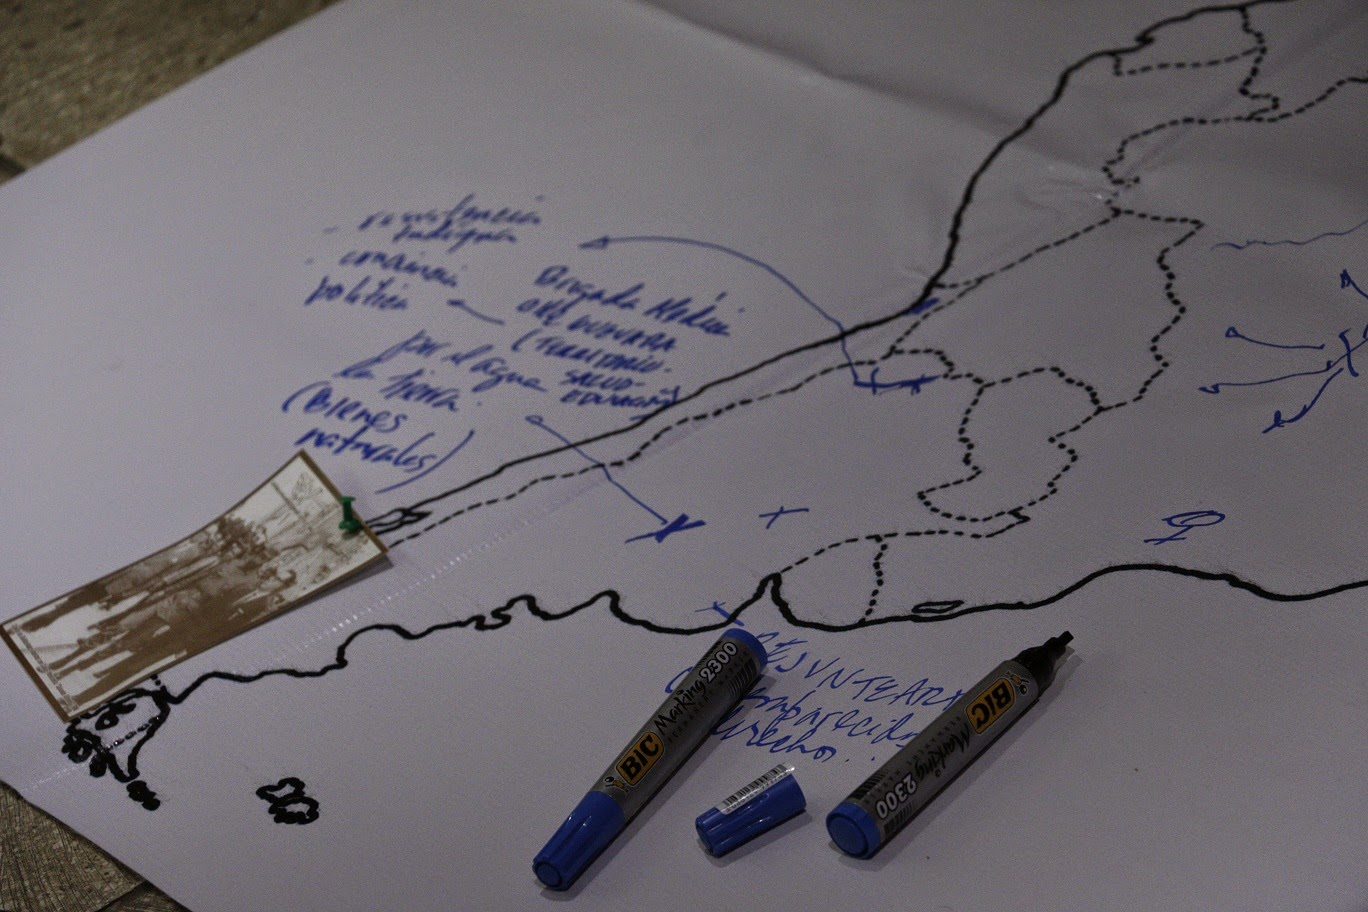 Volviendo a dibujar nuestro mapa